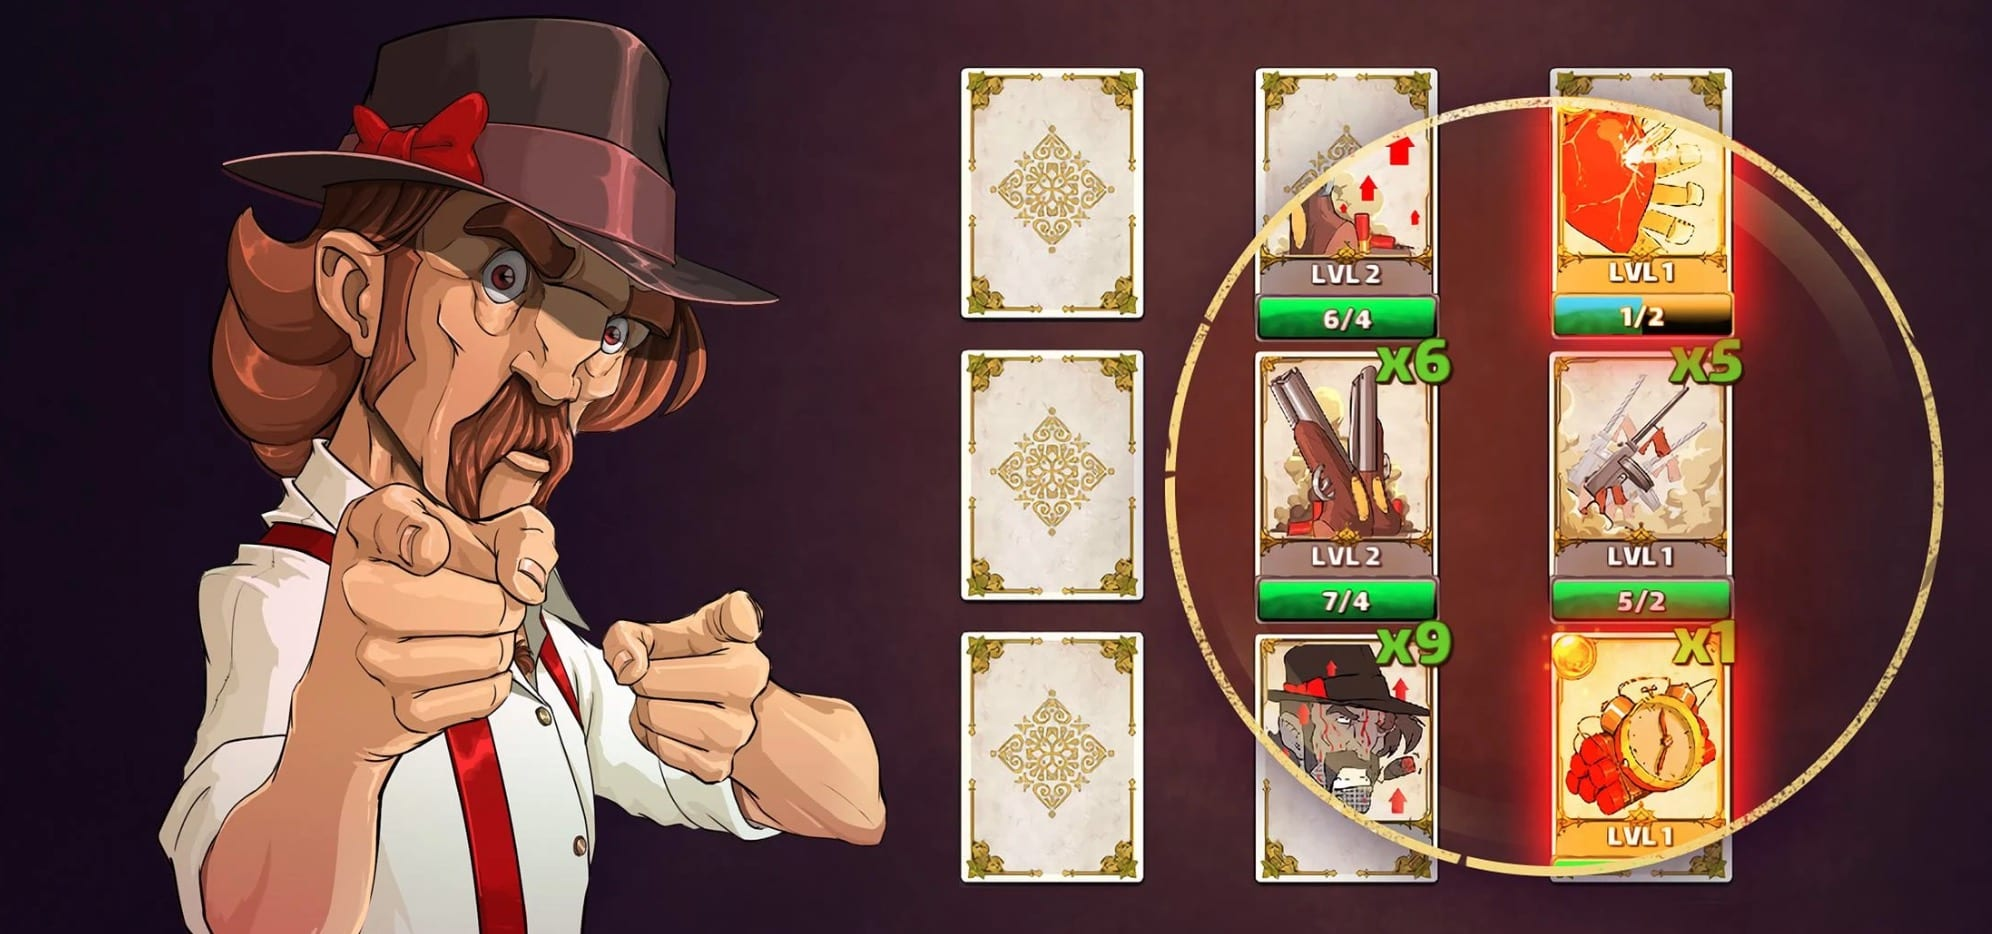 Mafioso app